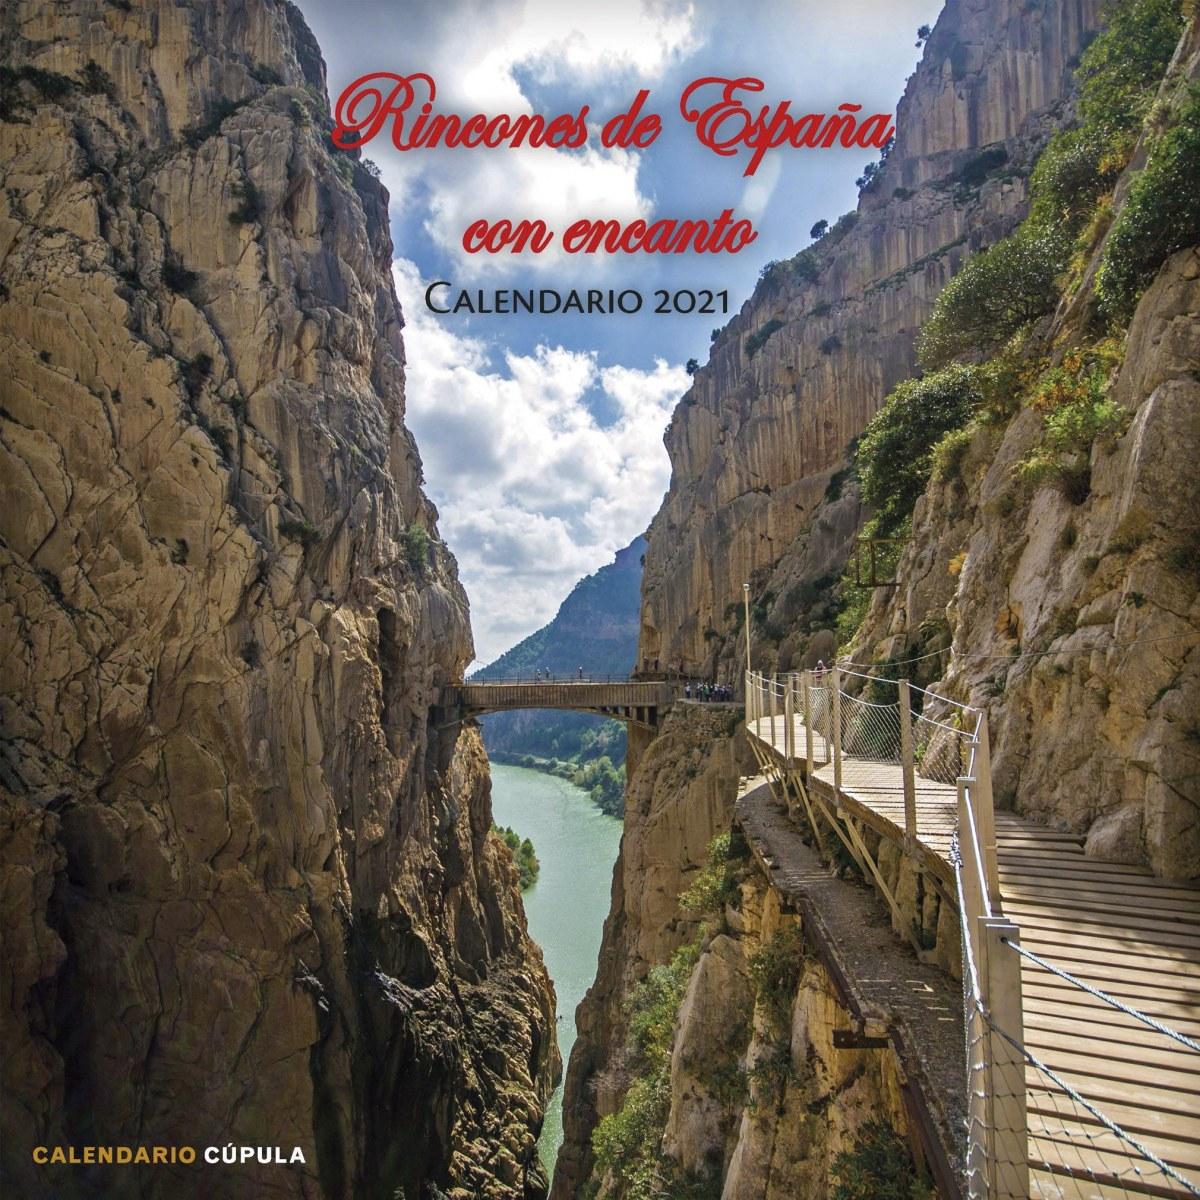 Calendario Rincones de España con encanto 2021